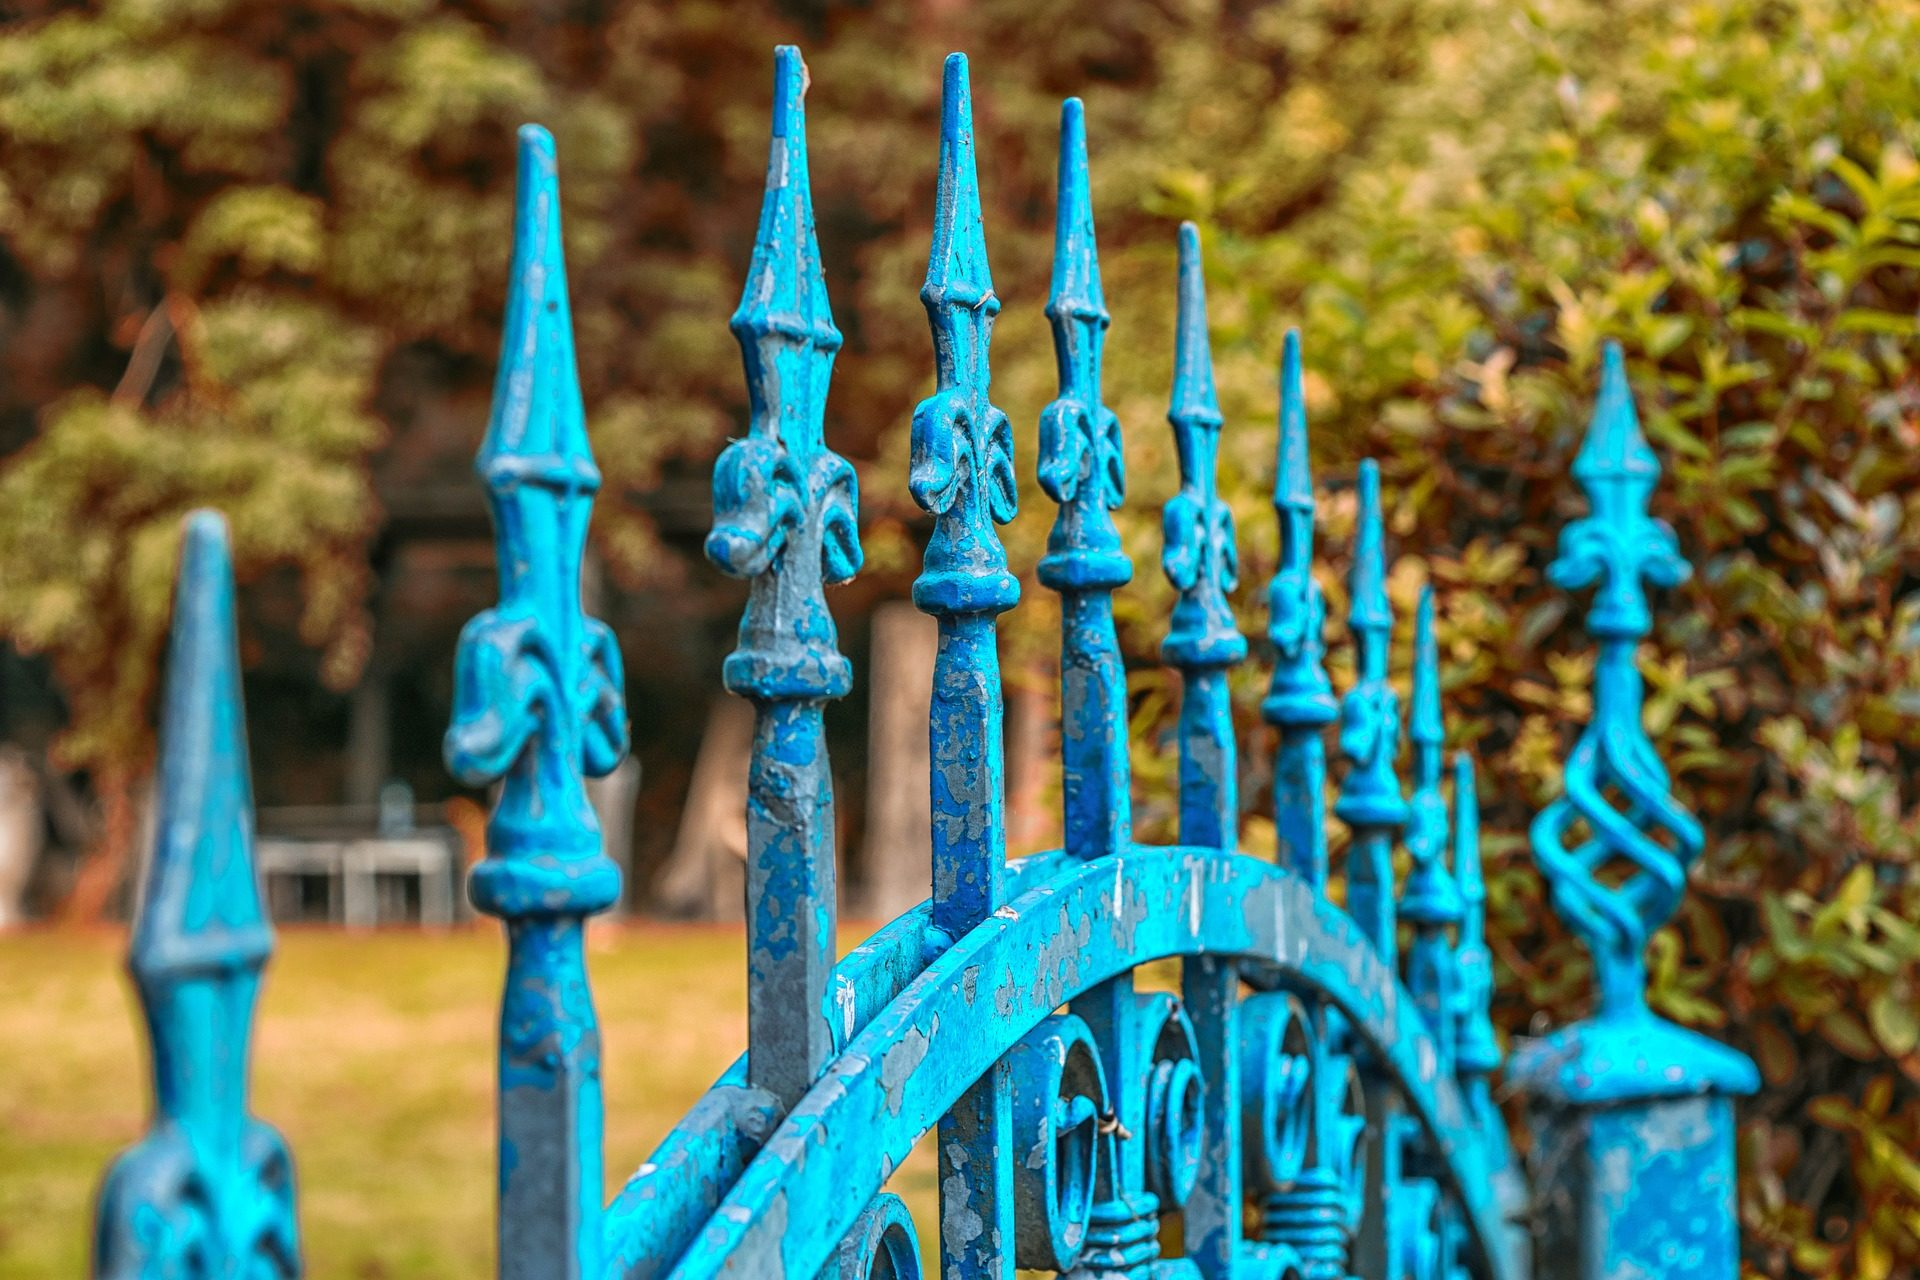 clôture, porte, Jardin, décoration, Vintage - Fonds d'écran HD - Professor-falken.com